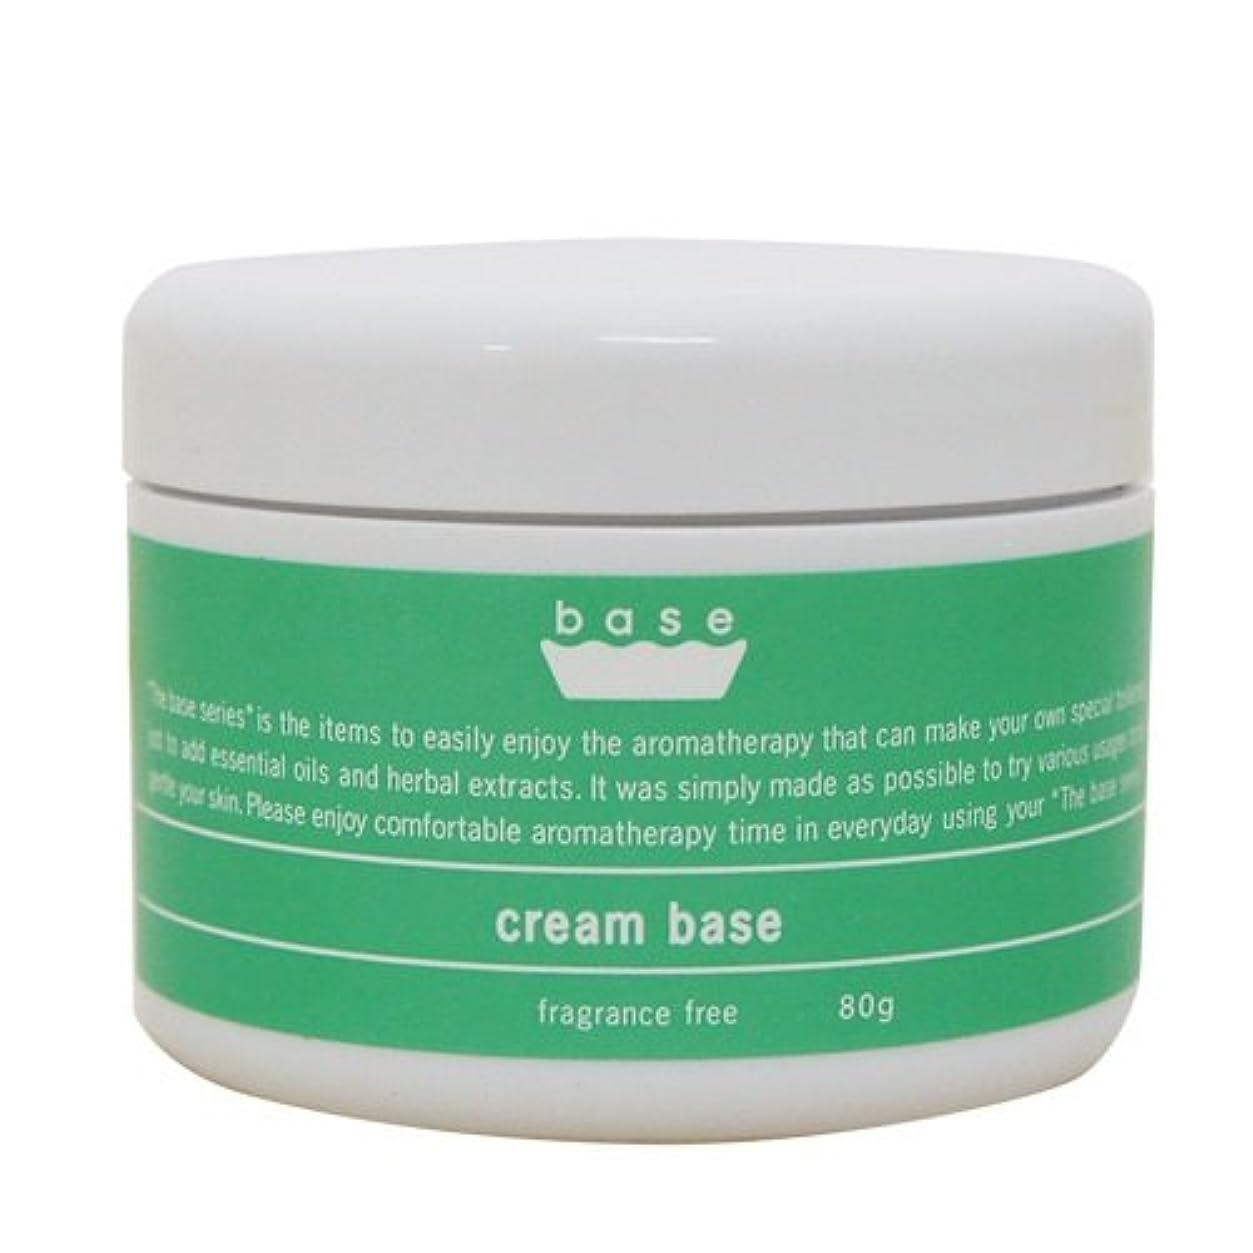 フレーバーライフ base creambase(クリームベース) 80g